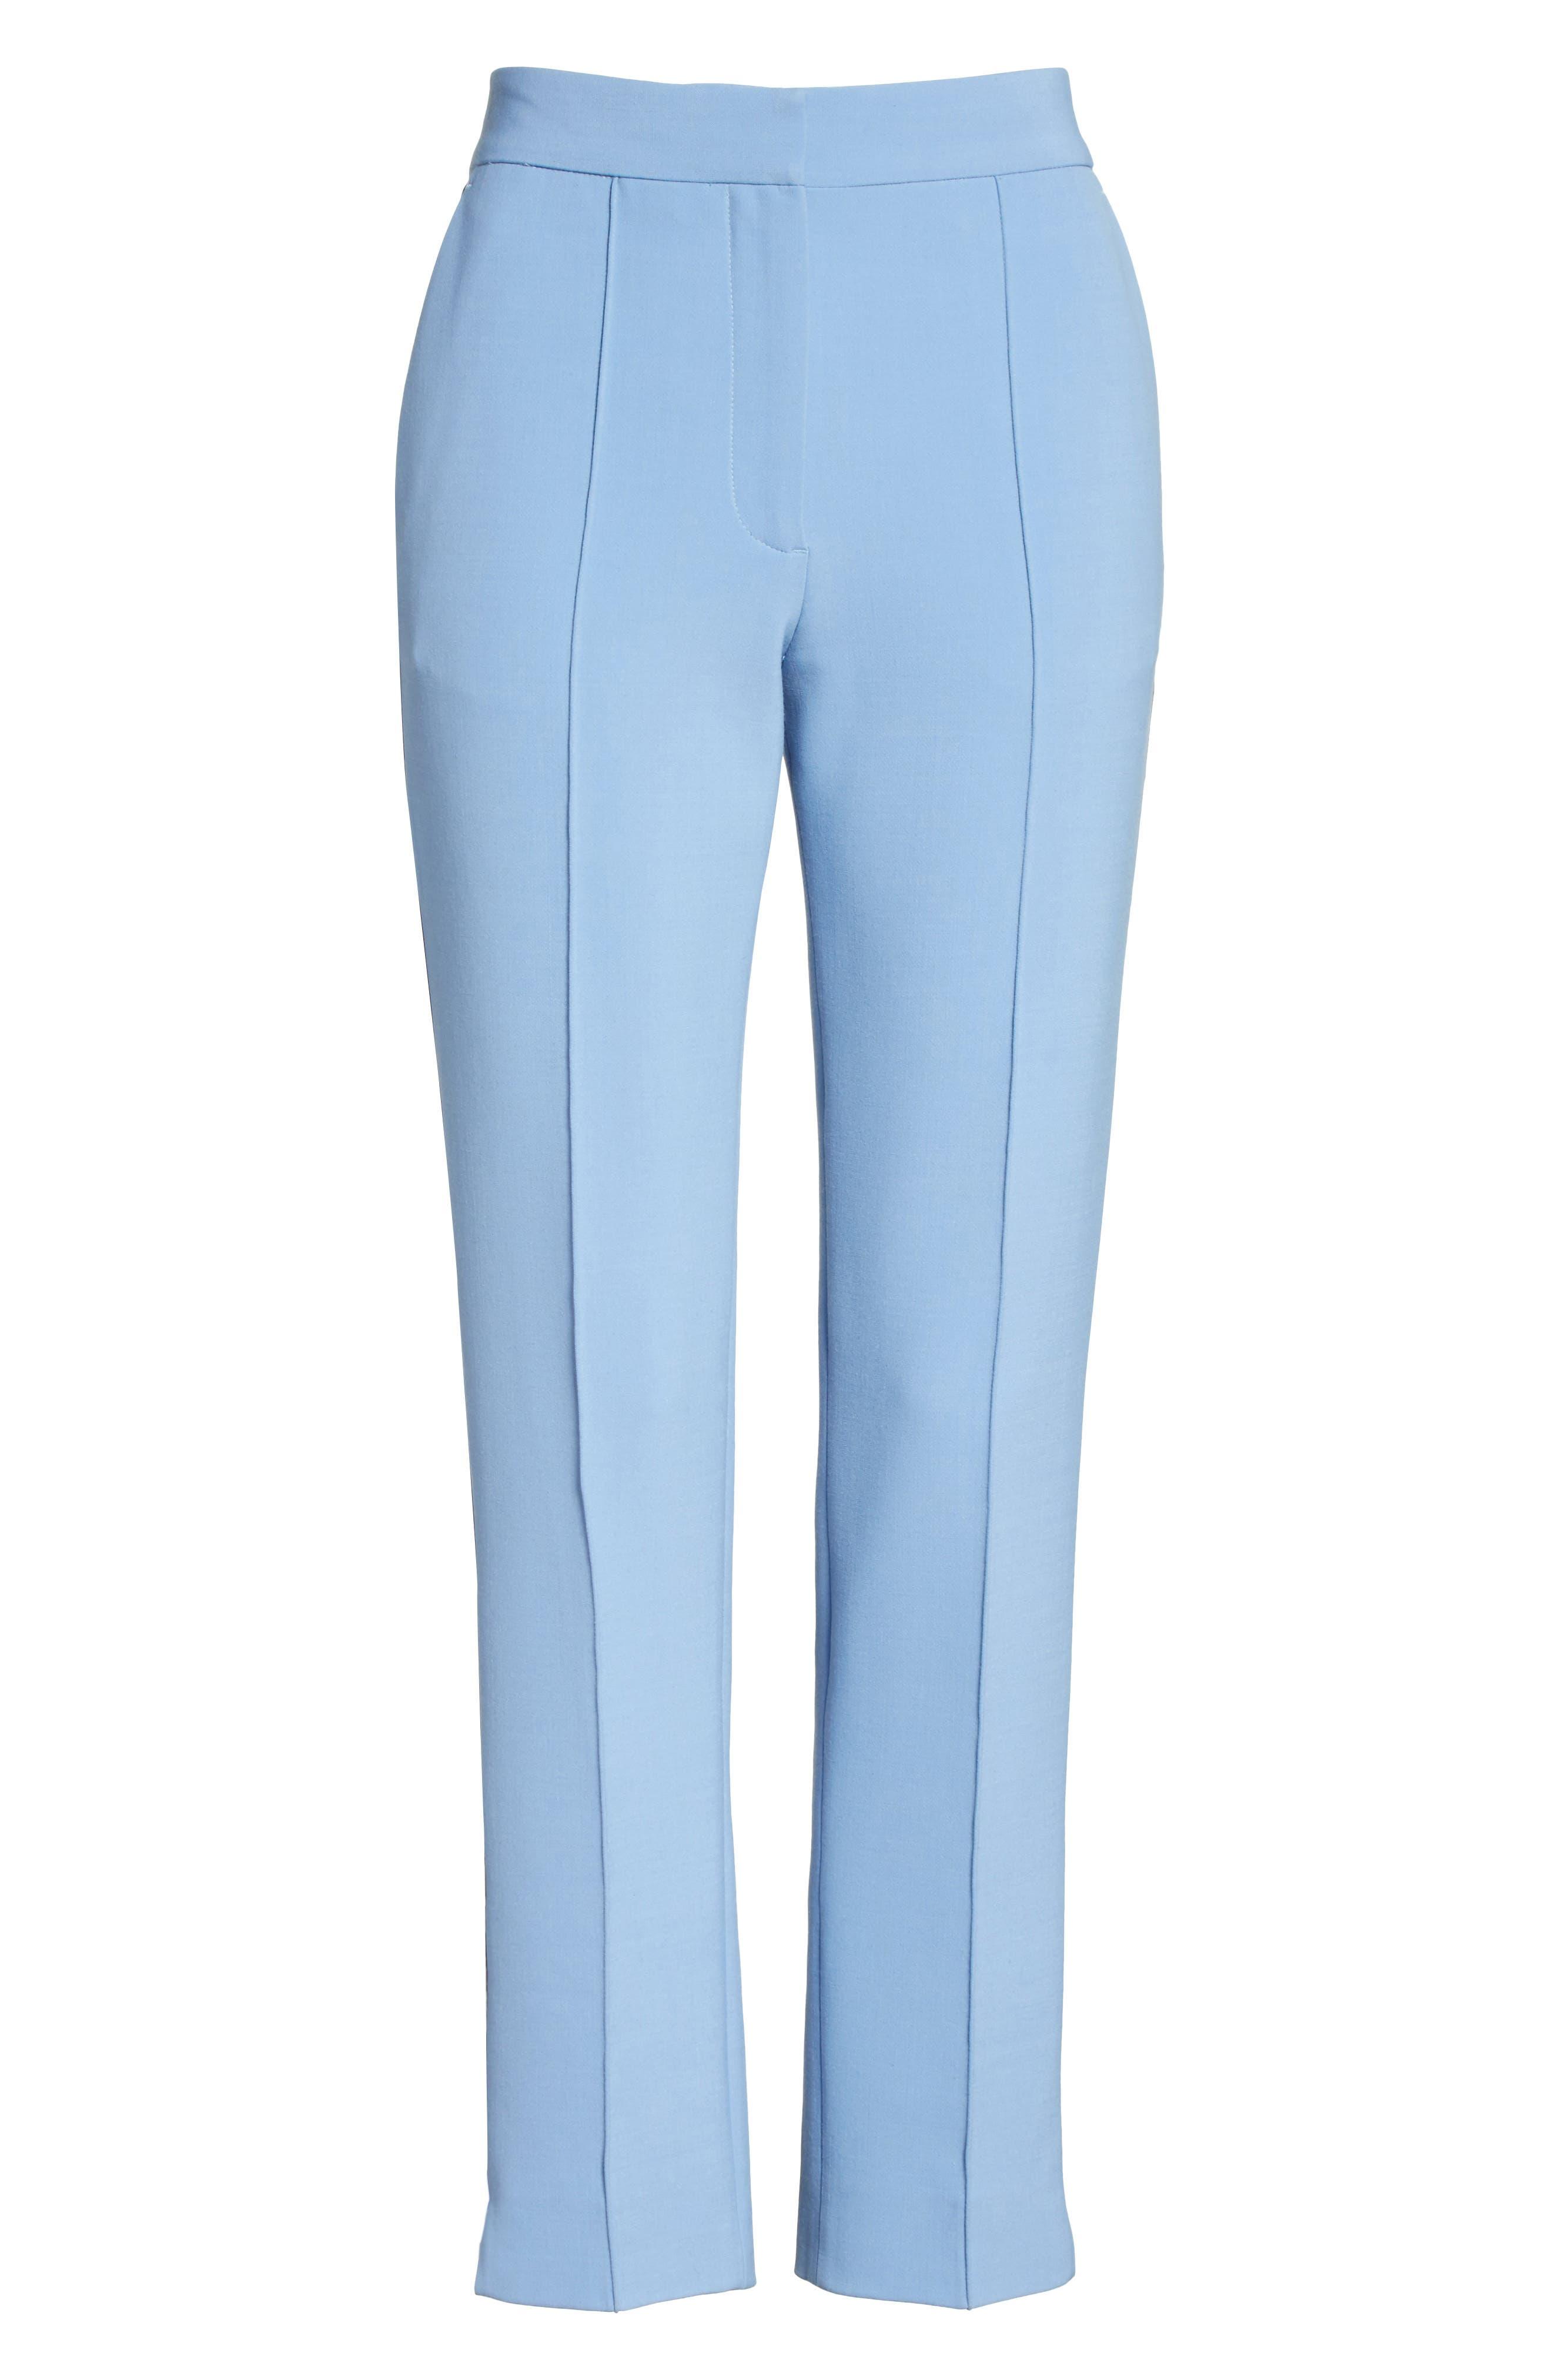 Stripe Split Hem Pants,                             Alternate thumbnail 6, color,                             Lagoon Blue